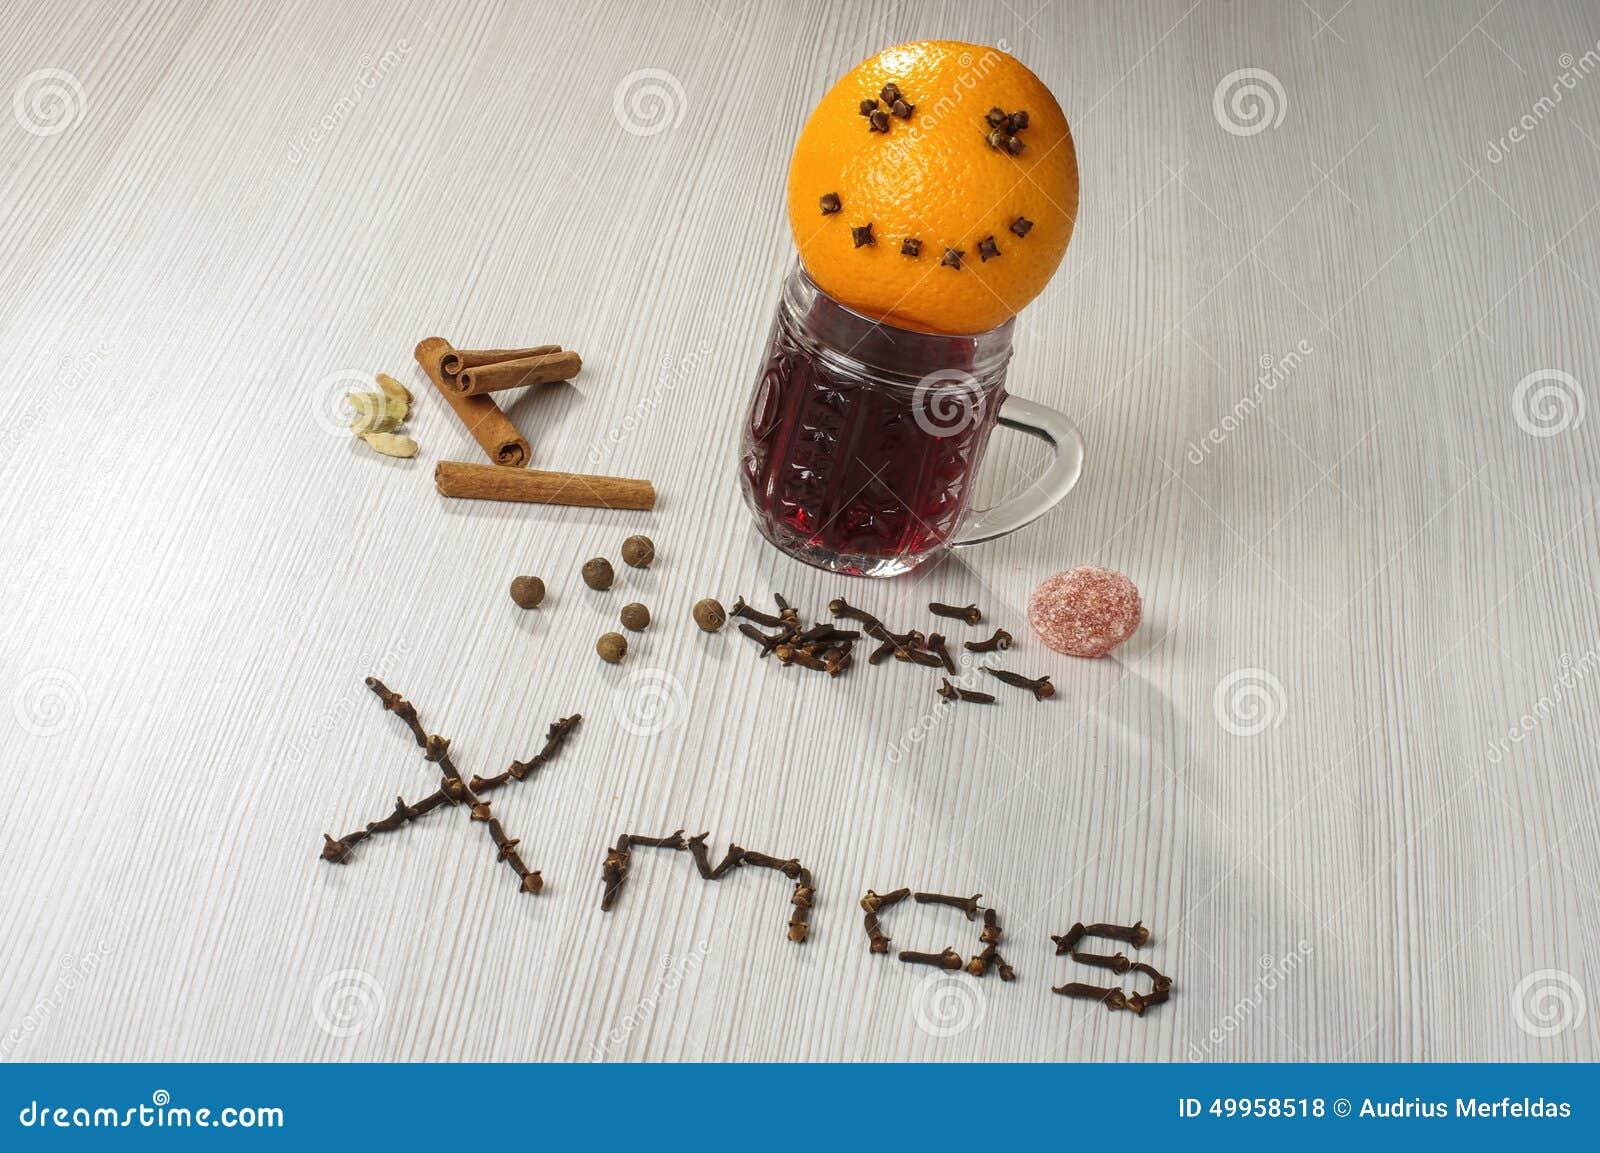 Funny Christmas greetings stock photo. Image of grog - 49958518